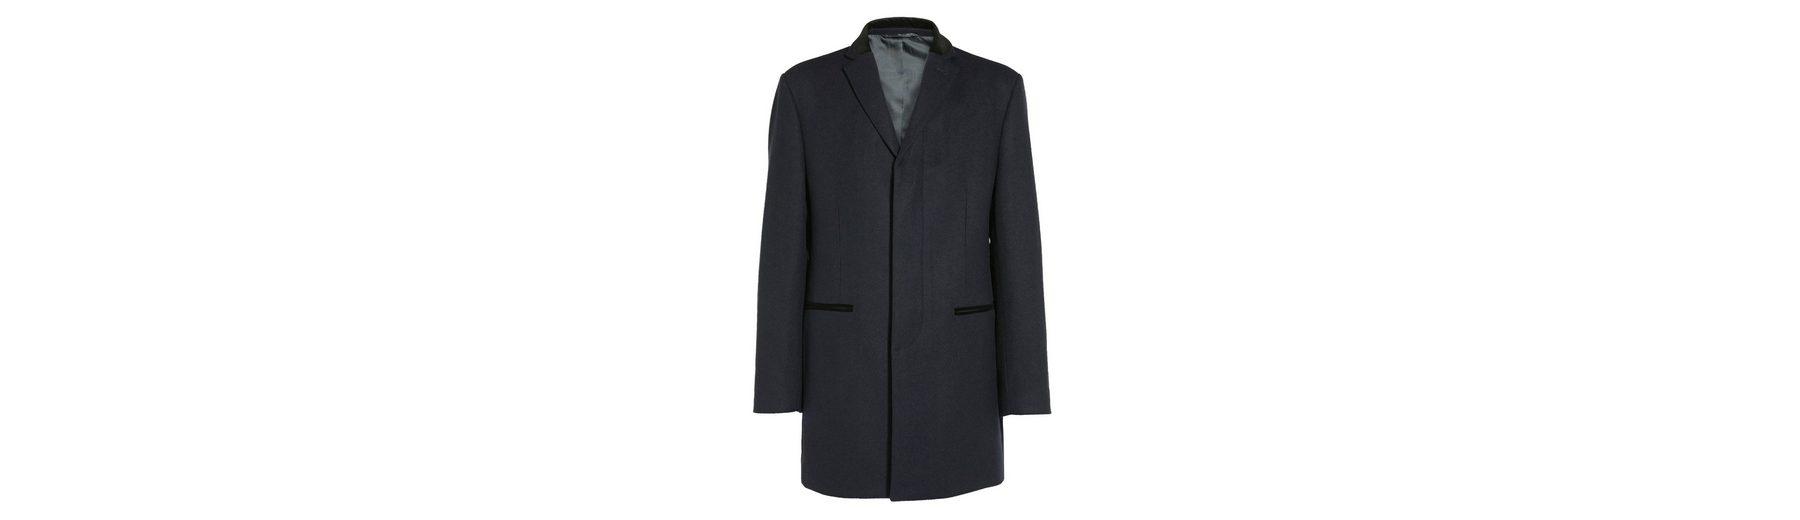 Next Mantel mit Samkragen